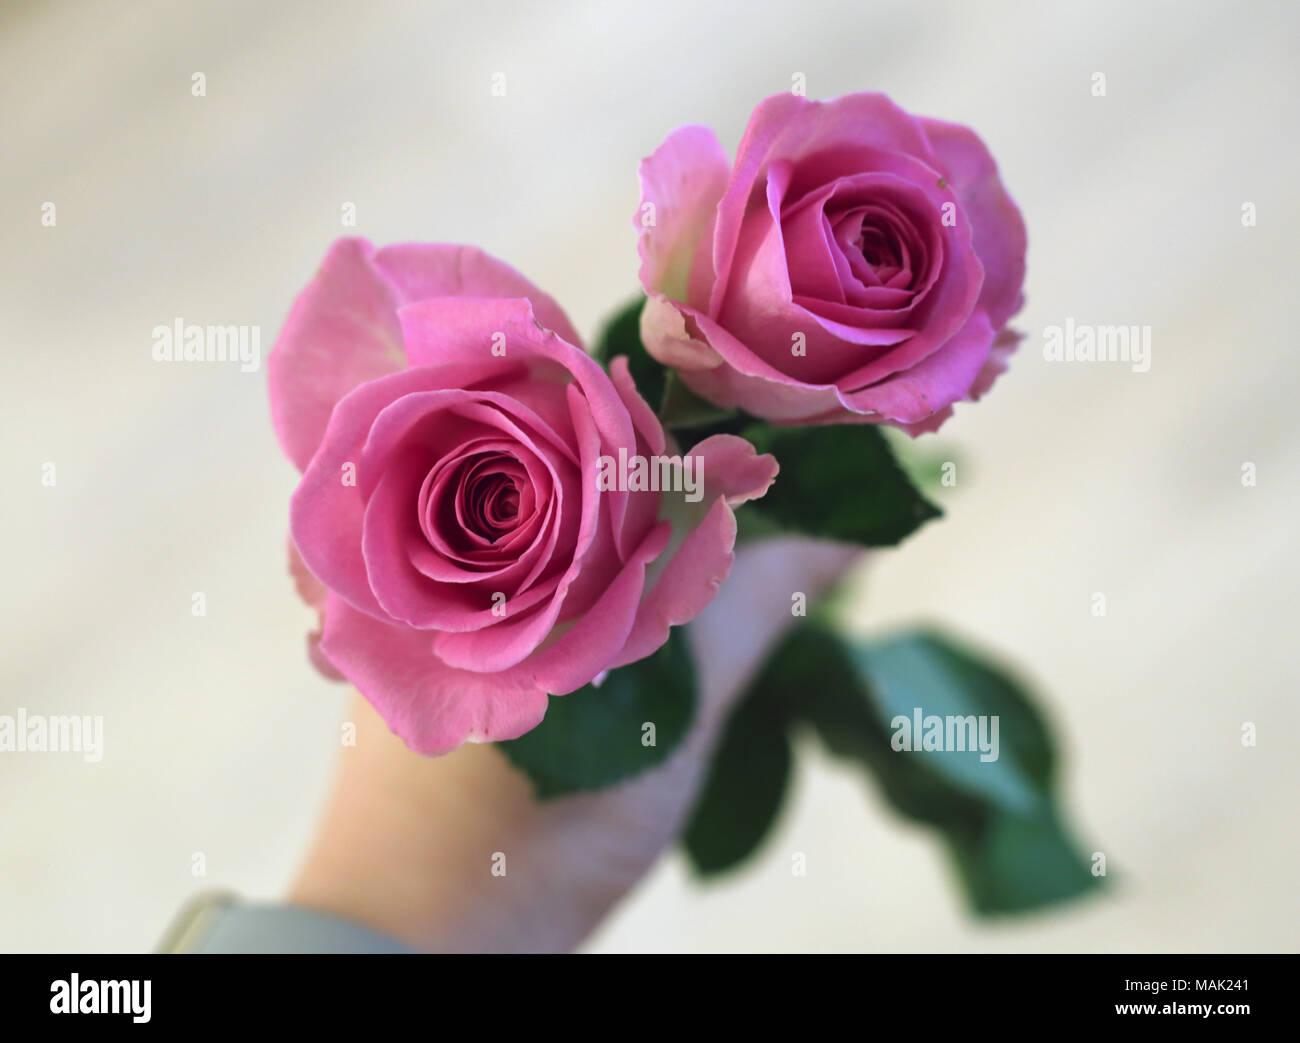 Dos Bonitas Y Hermosa Rosa Luz De Color Rojo Rosas En La